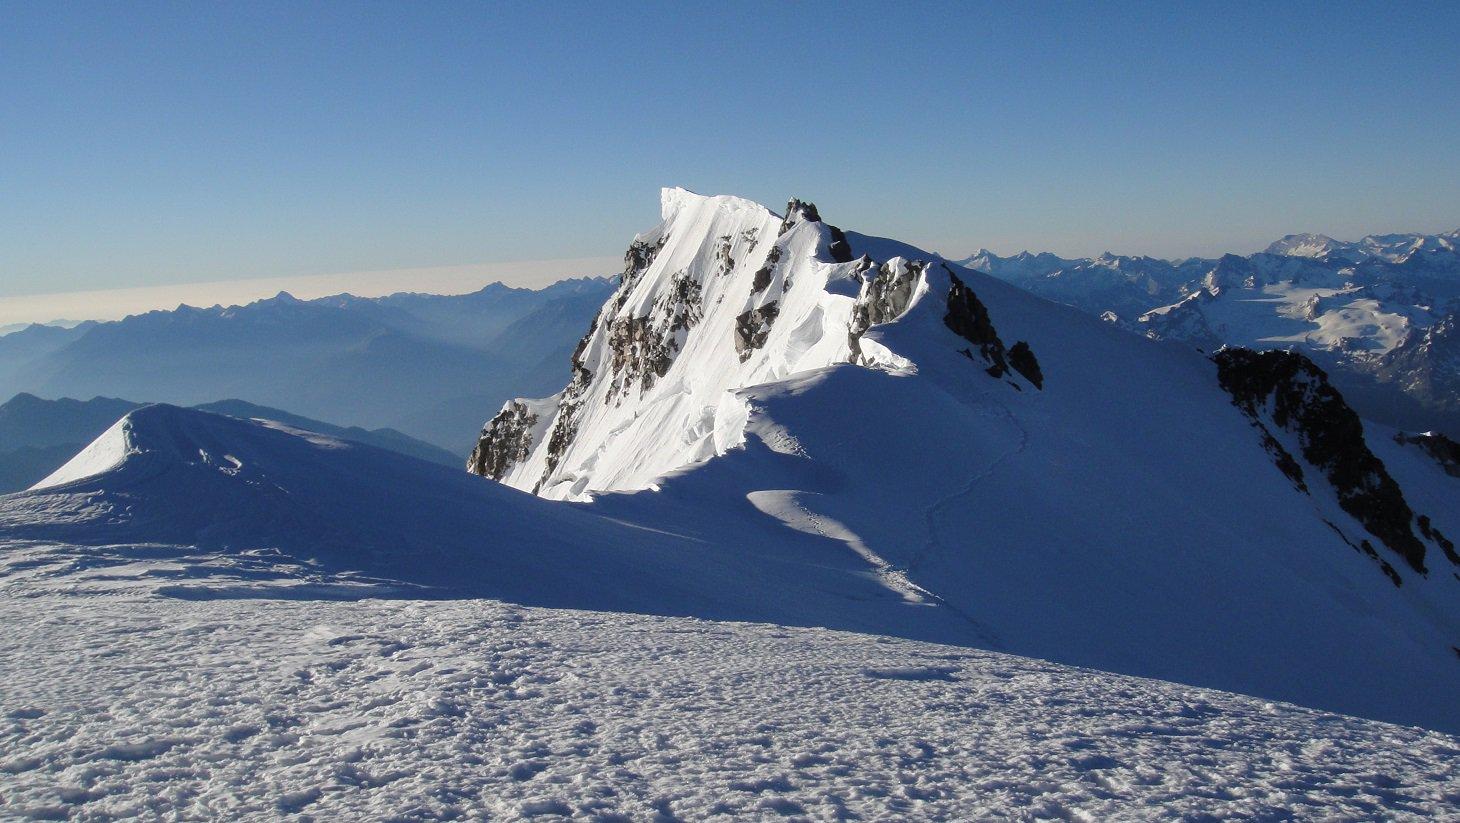 Monte Bianco di Courmayeur dalla vetta